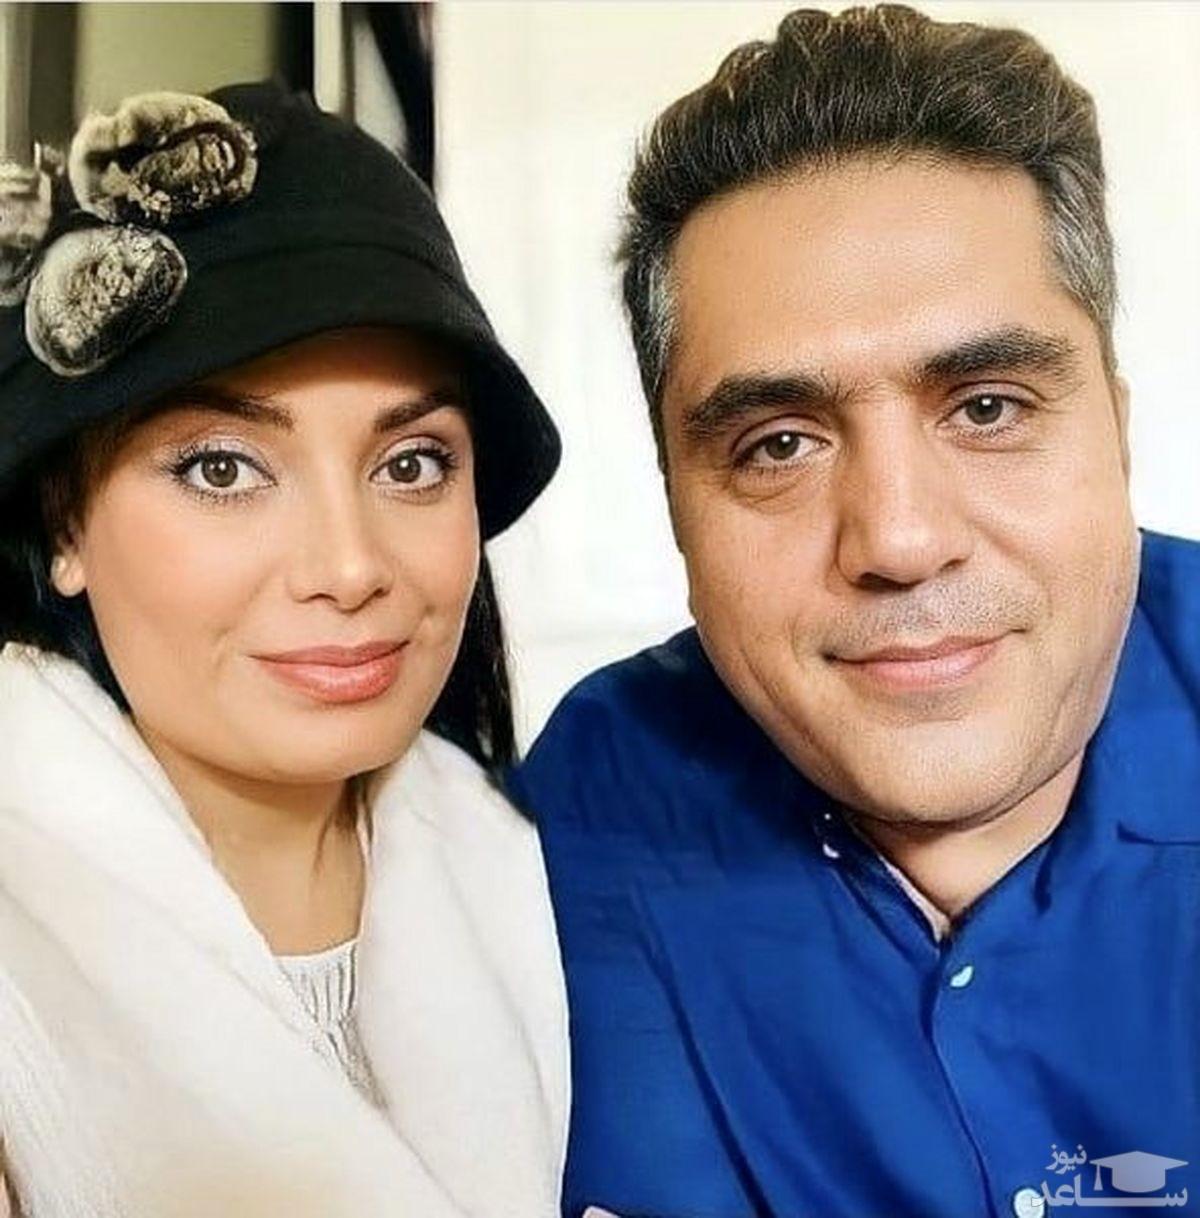 بازگشت صبا راد، مجری زن جنجالی به ایران!